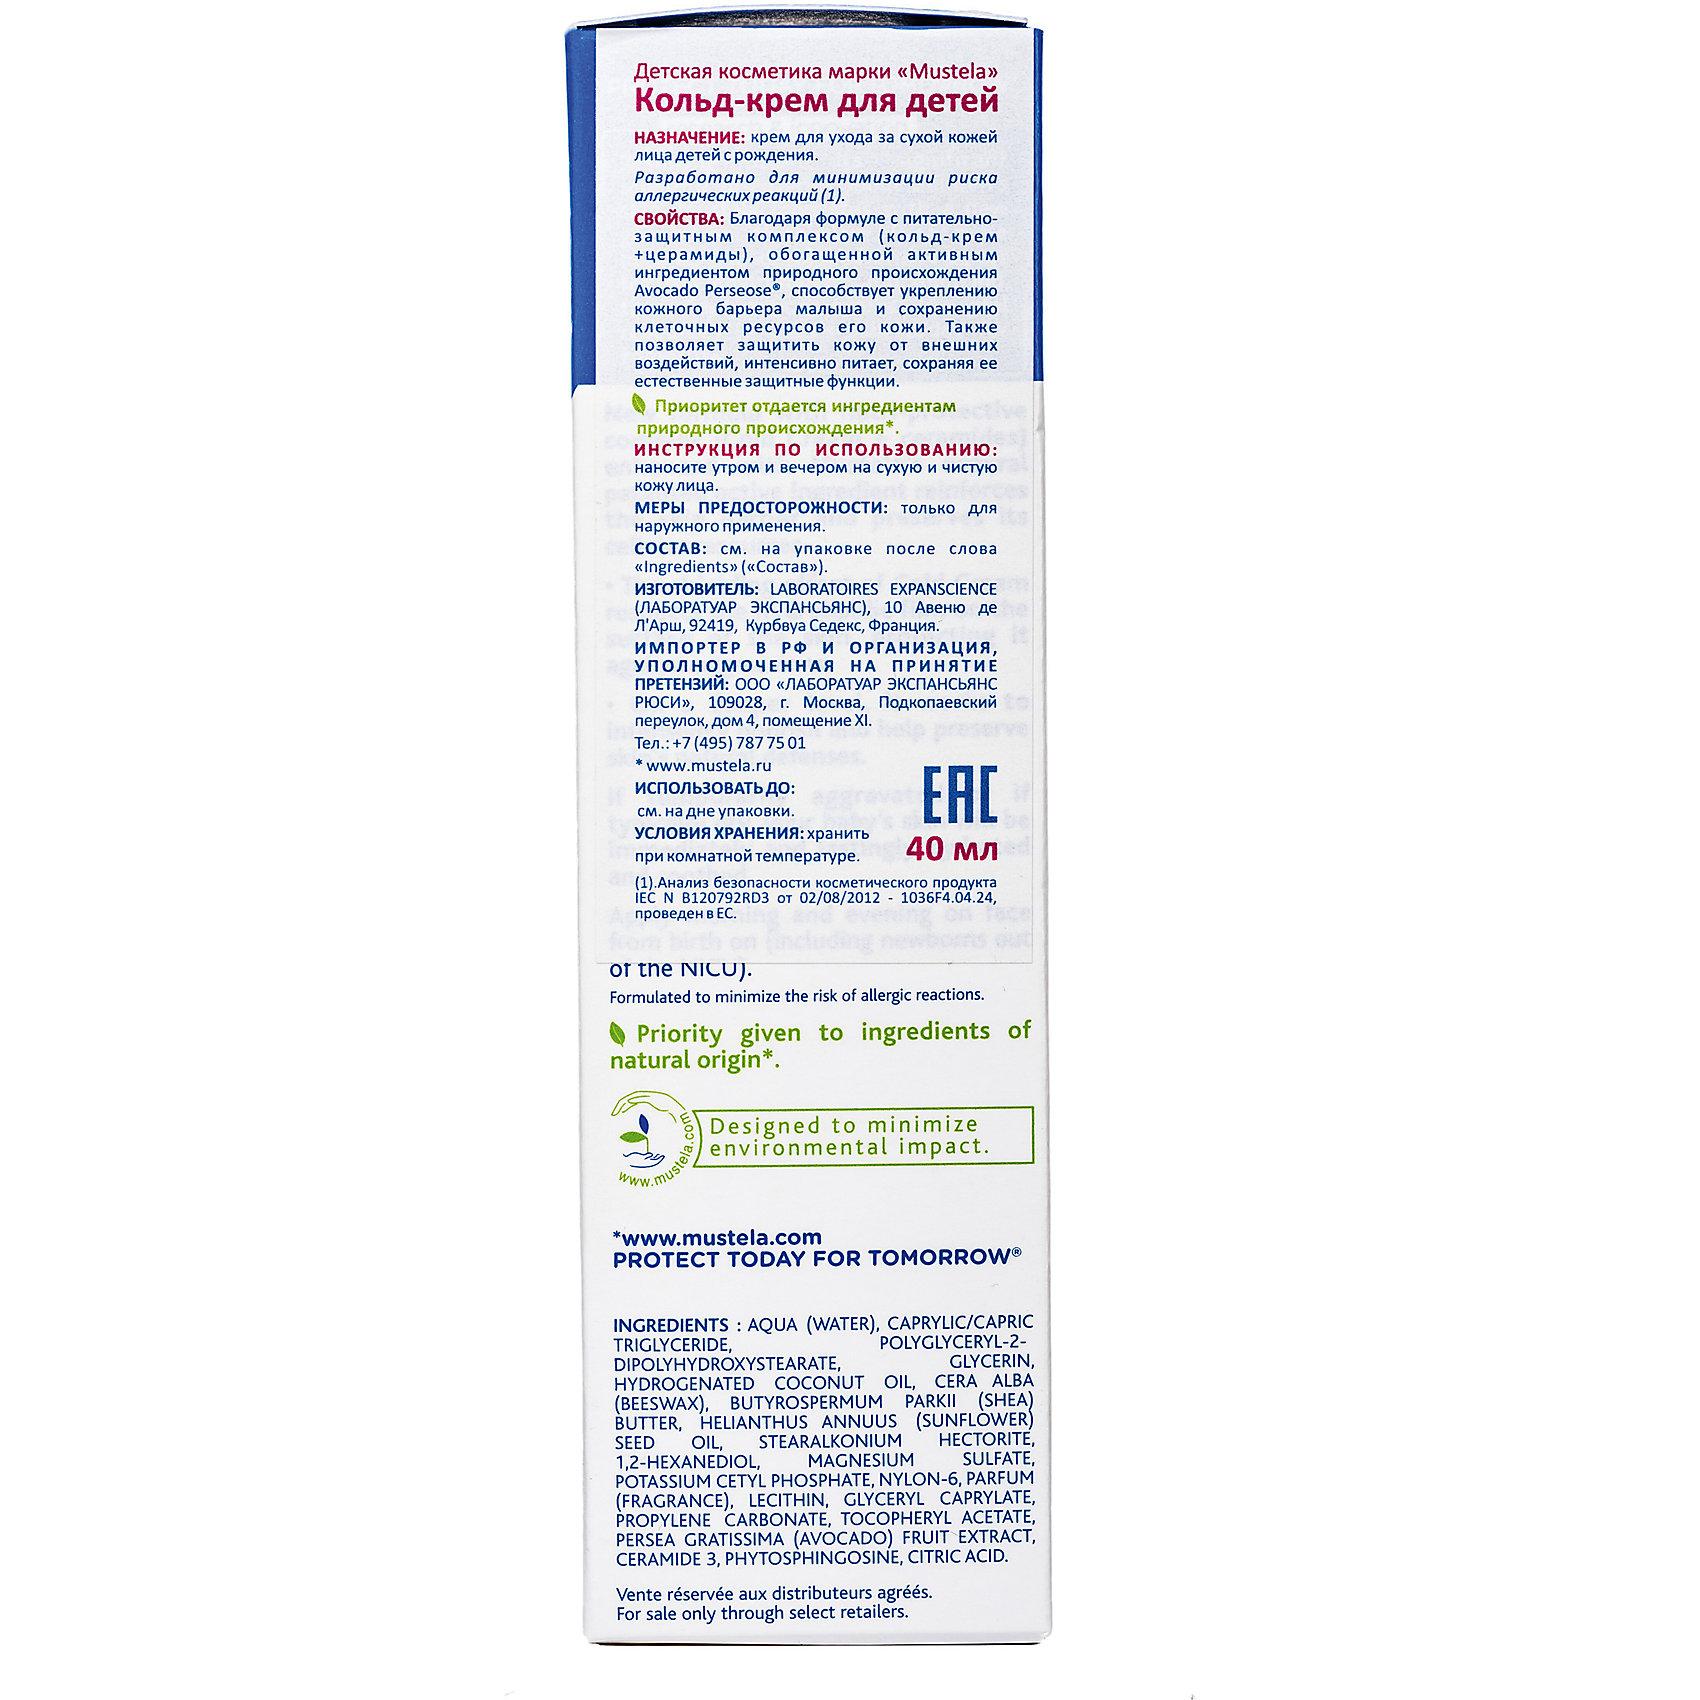 Кольд-крем для детей, 40 мл., Mustela